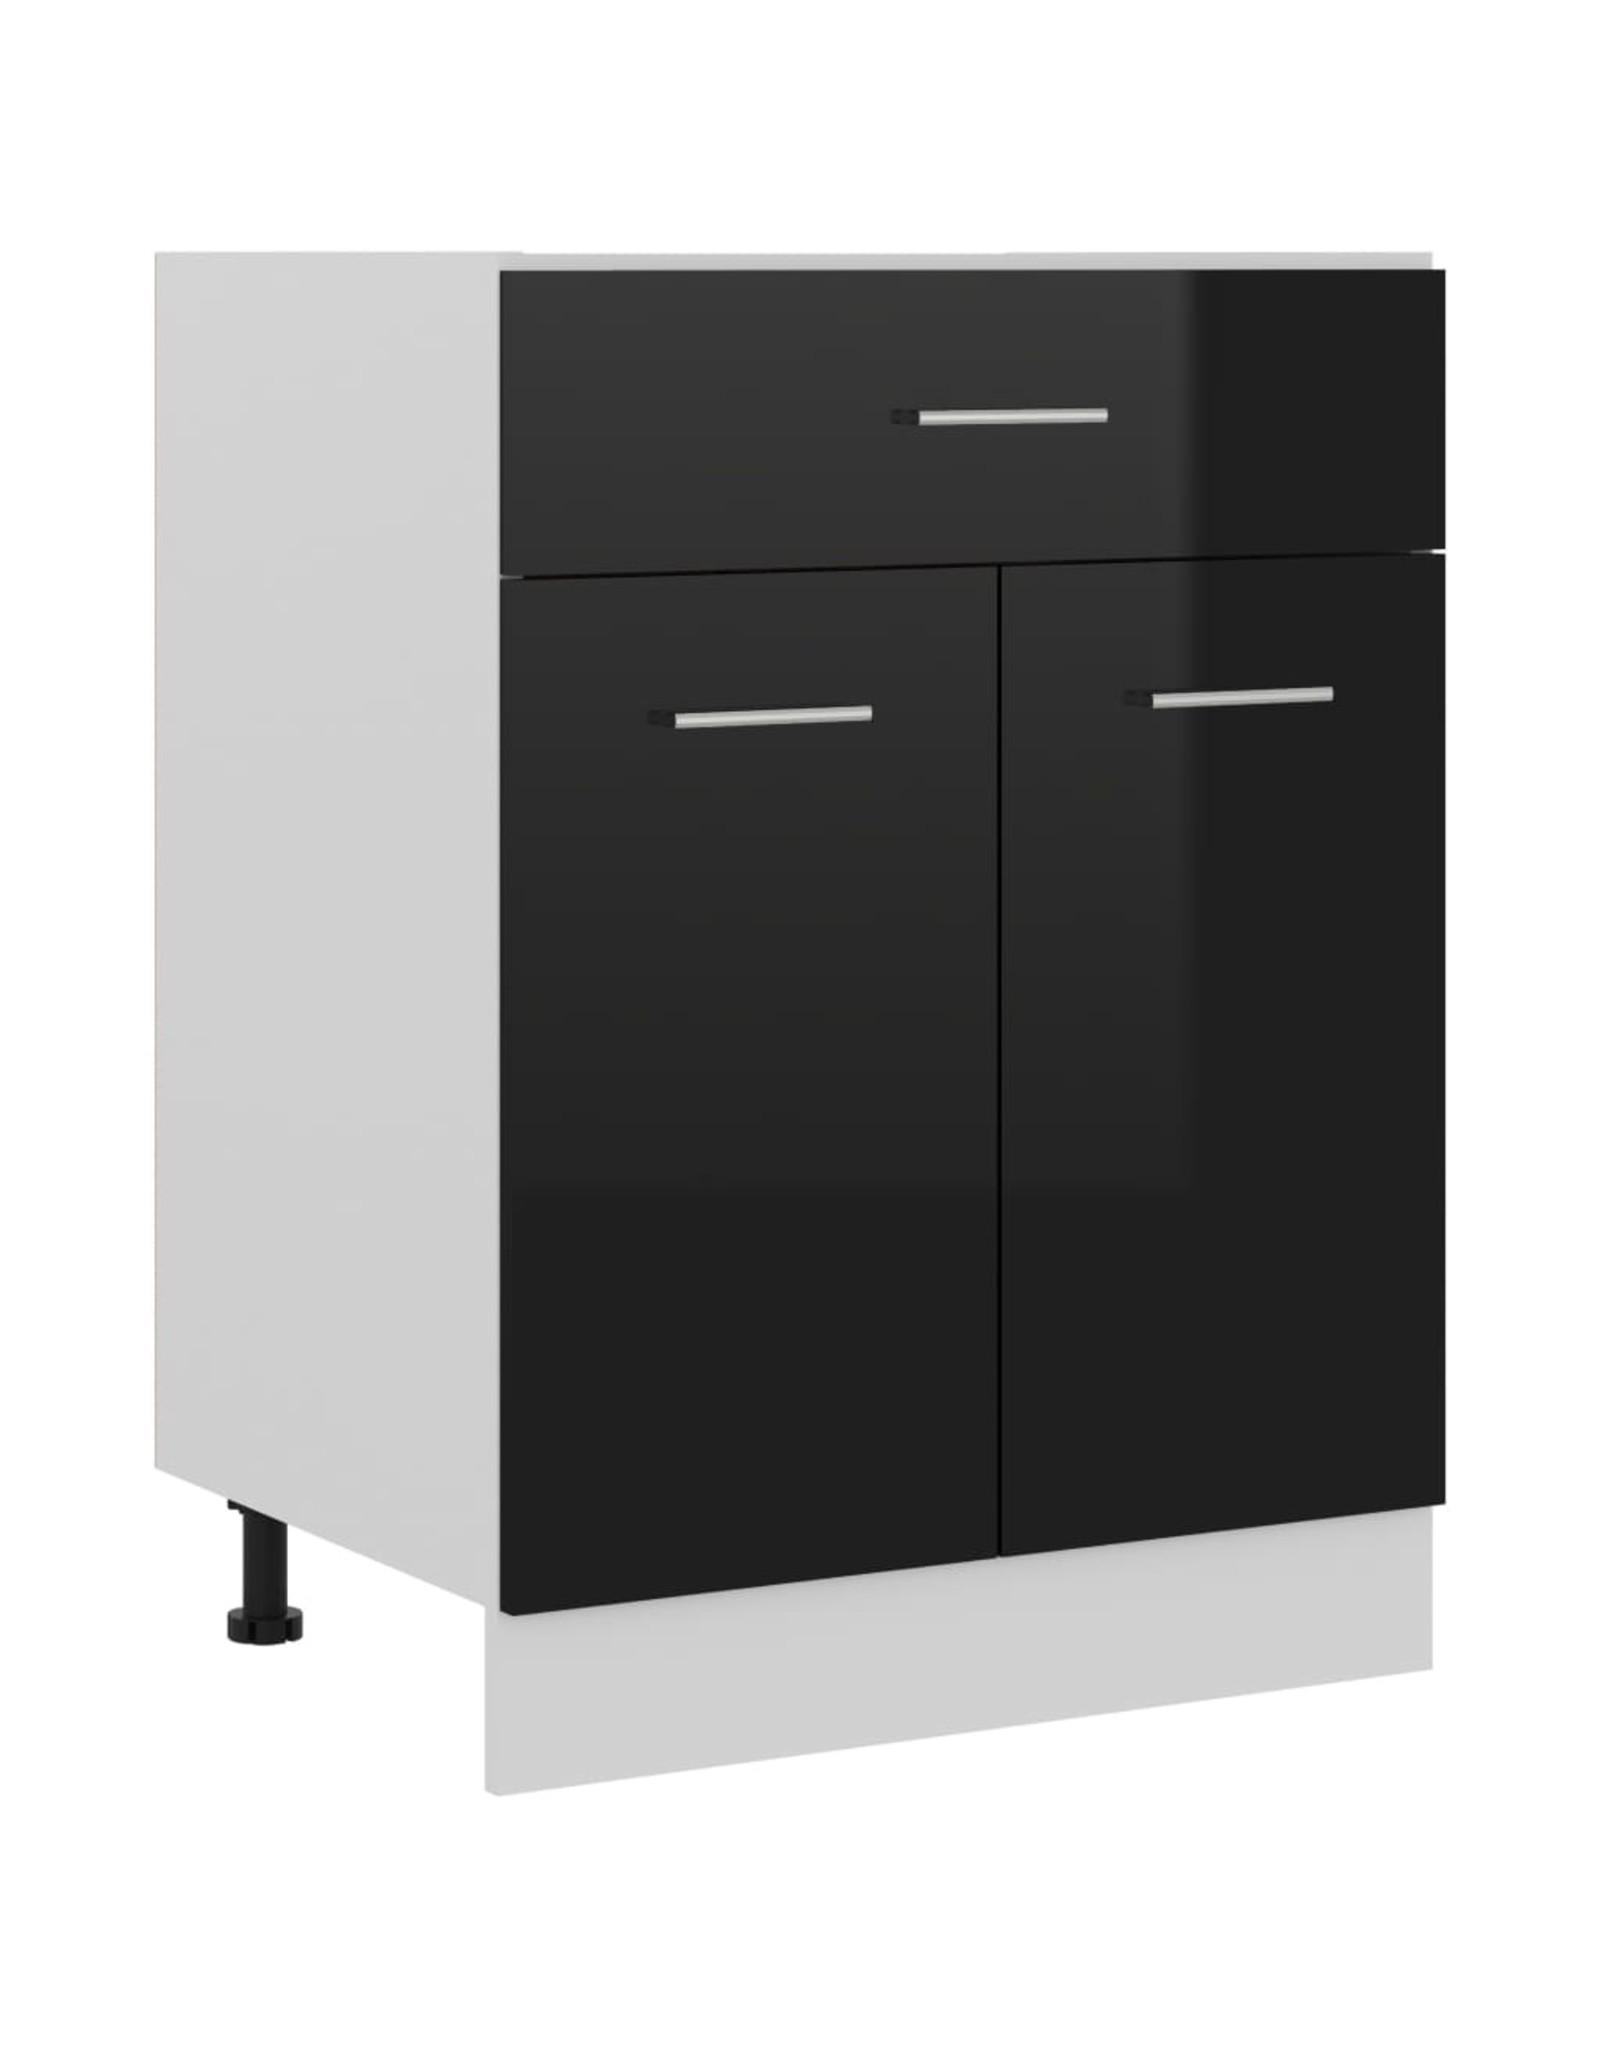 Onderkast met lade 60x46x81,5 cm spaanplaat hoogglans zwart